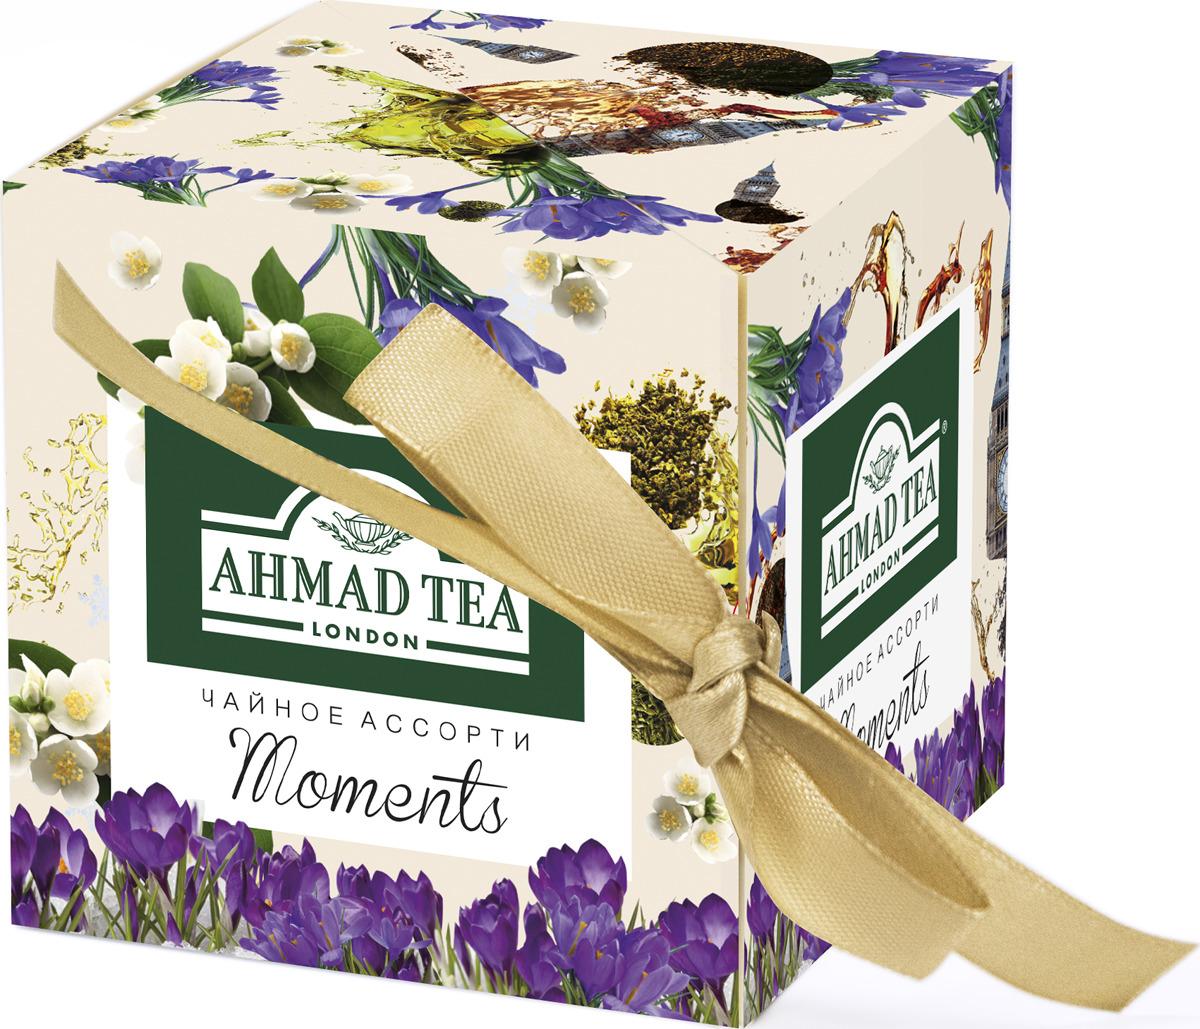 Набор Ahmad Tea Моментс: черный листовой чай, со вкусом и ароматом бергамота, 30 г + зеленый листовой чай, со вкусом и ароматом жасмина, 30 г цена